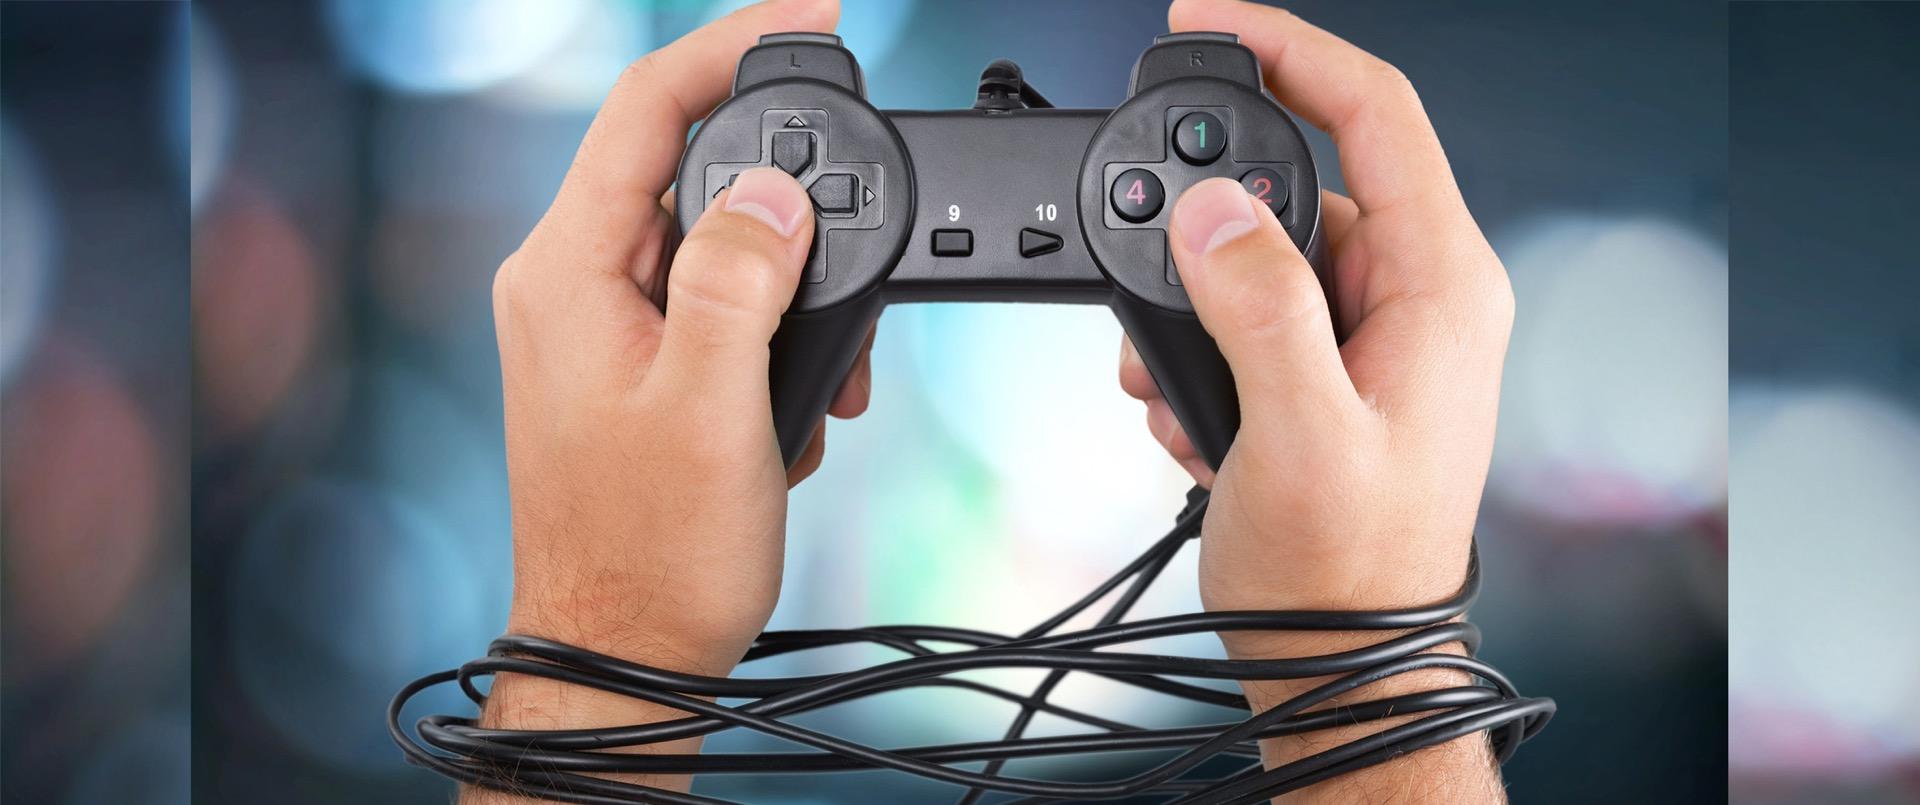 La dipendenza da videogiochi diventerà una malattia mentale riconosciuta nel 2018